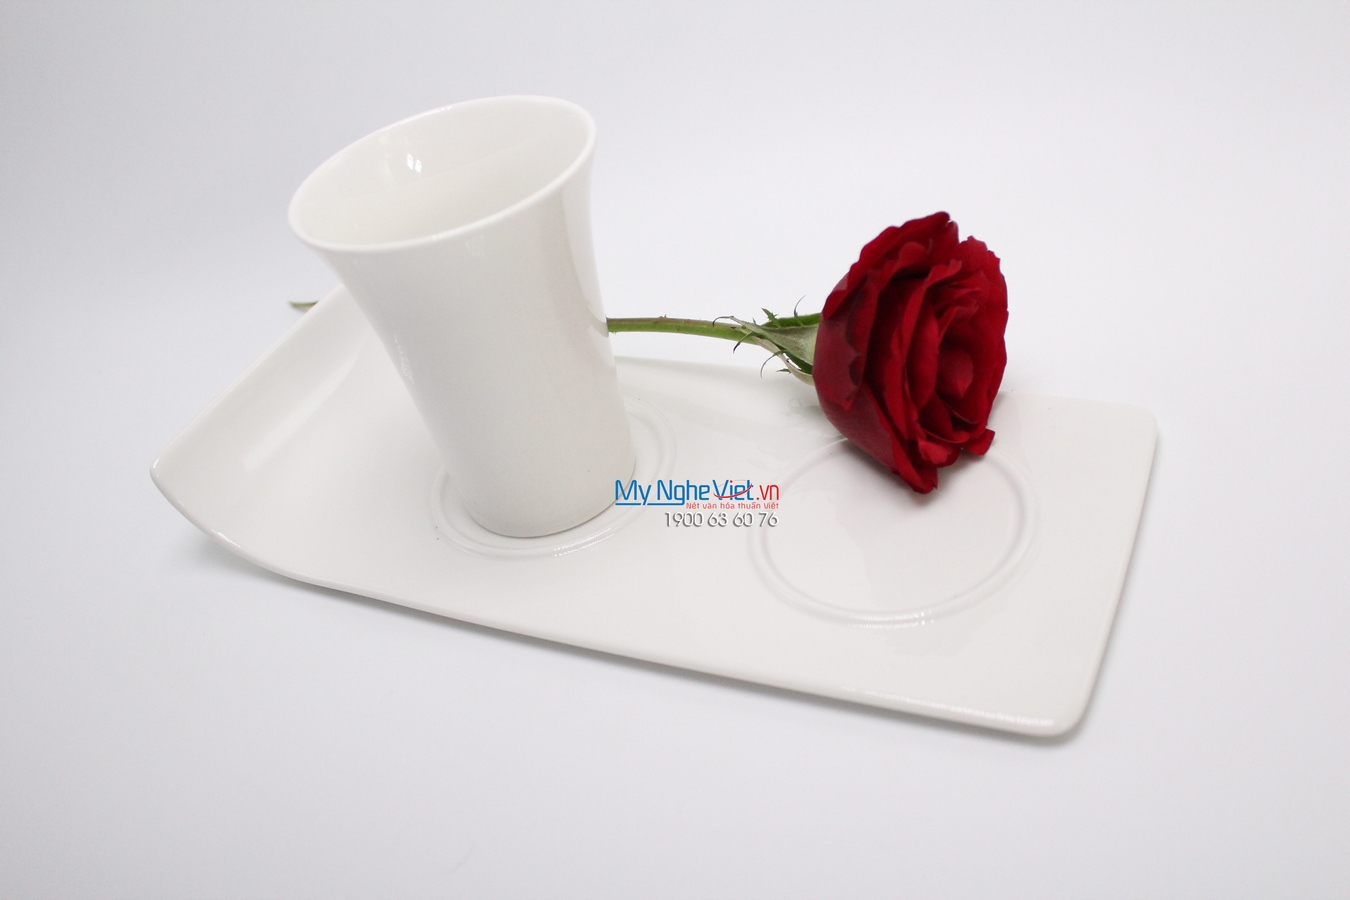 Khay lót chum 25 x 11 cm trắng ngà - MNV - 312531000